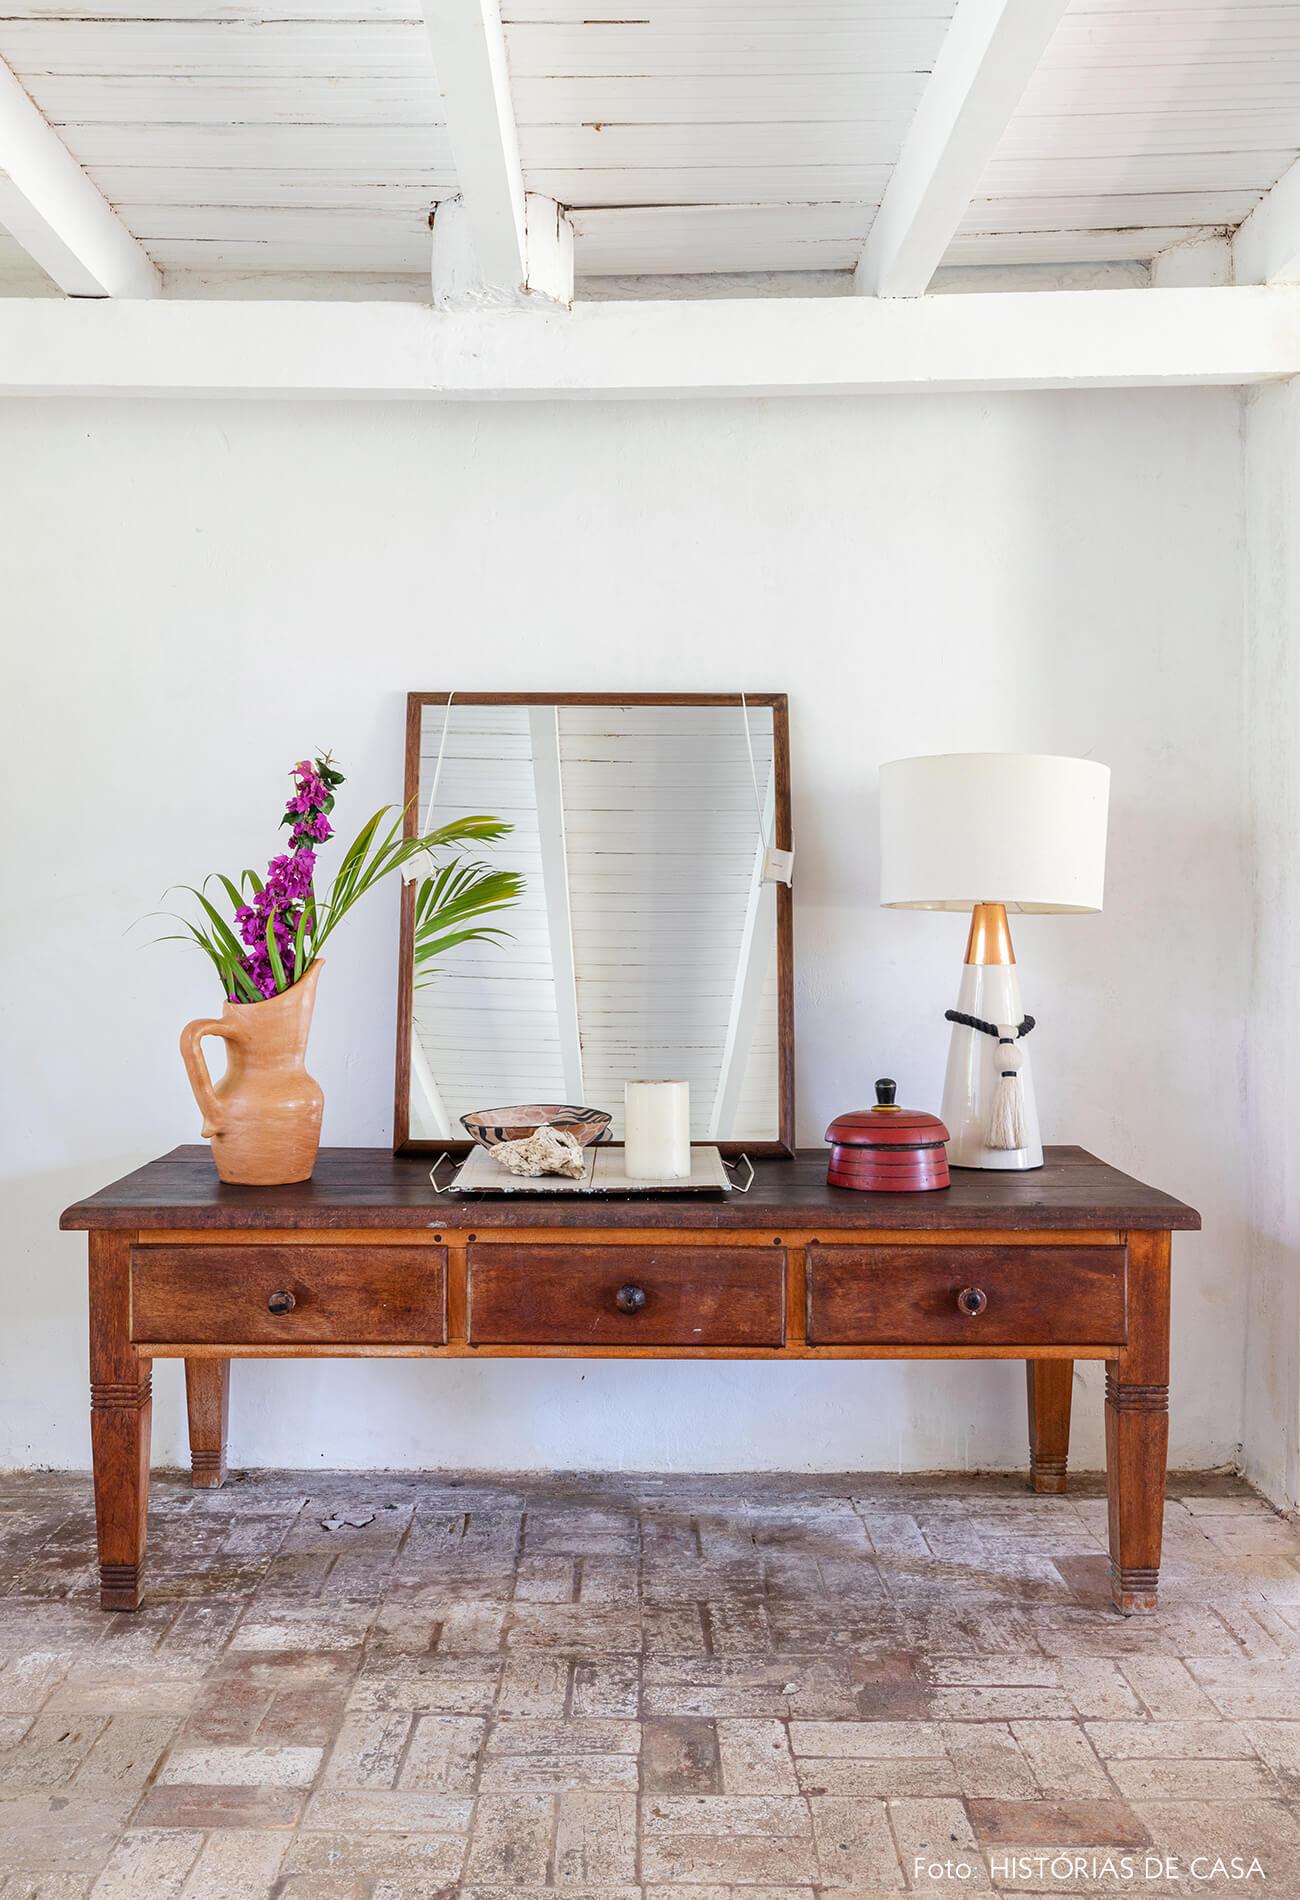 flavia-decoração-trancoso-sala-com-mesa-de-madeira-e-objetos-decorativos